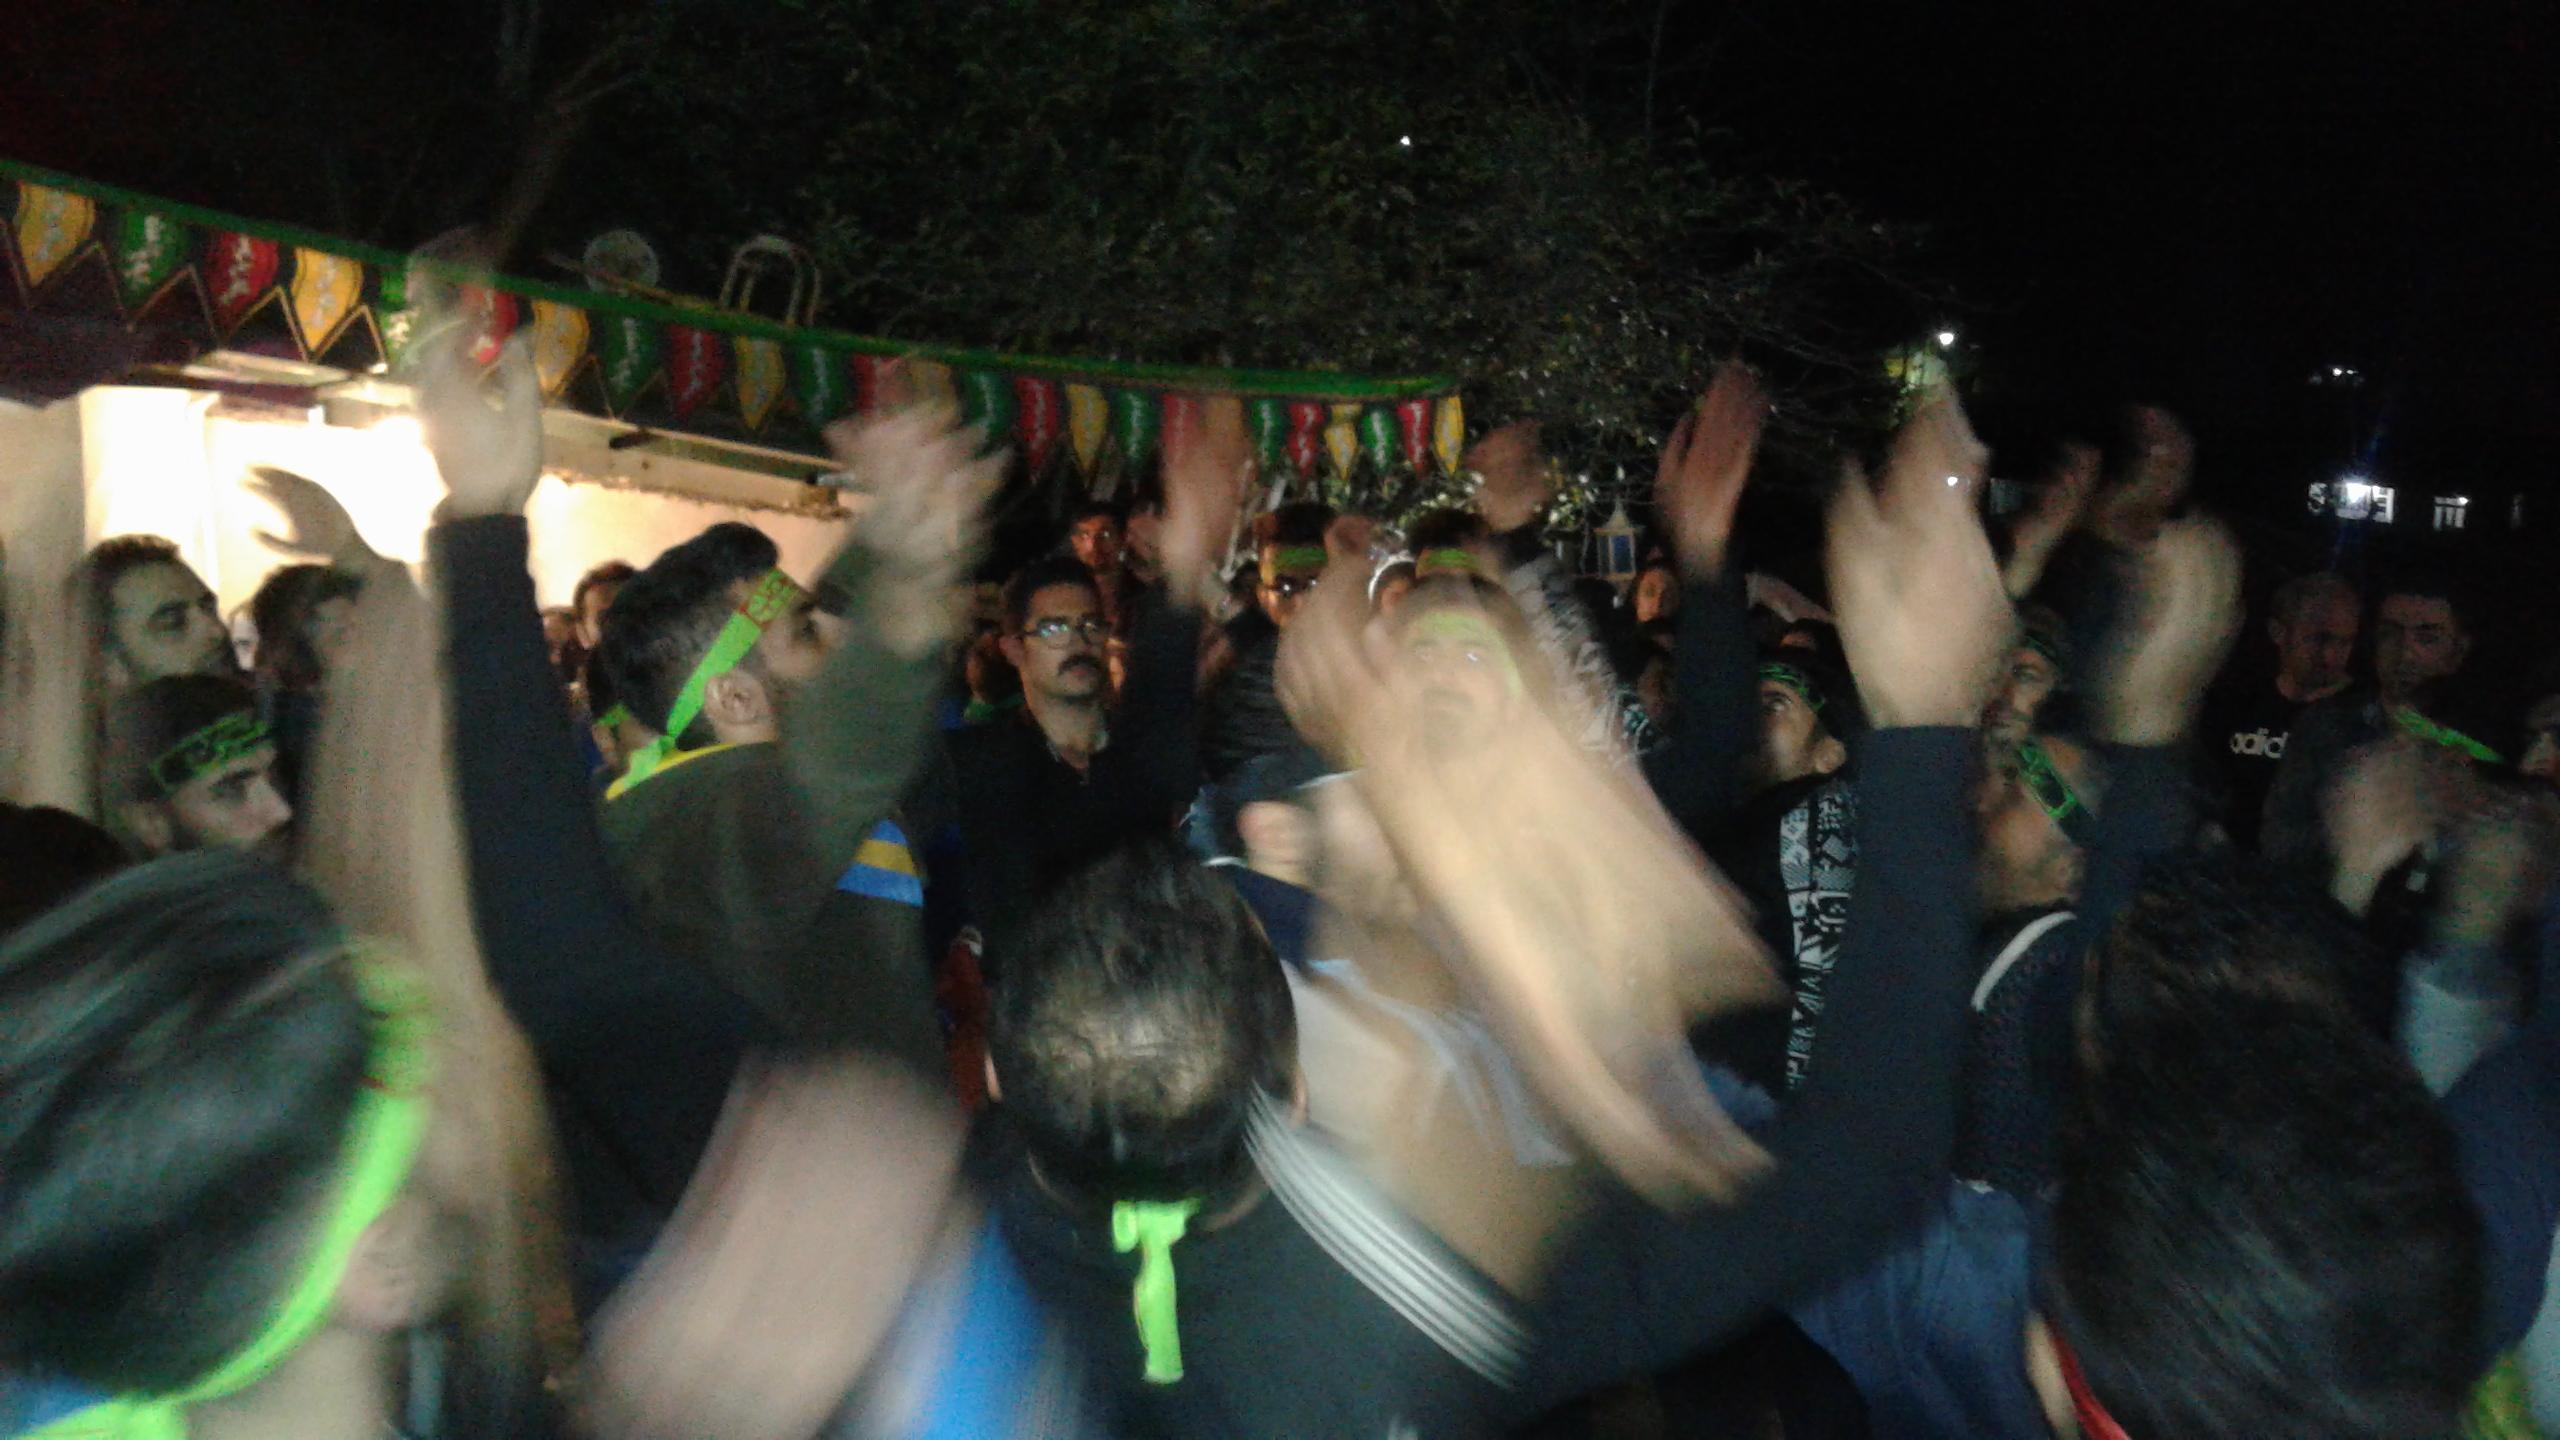 هیت عذاداران حضرت باب الحواعج (ع)روستای بلبل کو در شب عاشورای حسینی در غالب دسته ی عذاداری به روستای